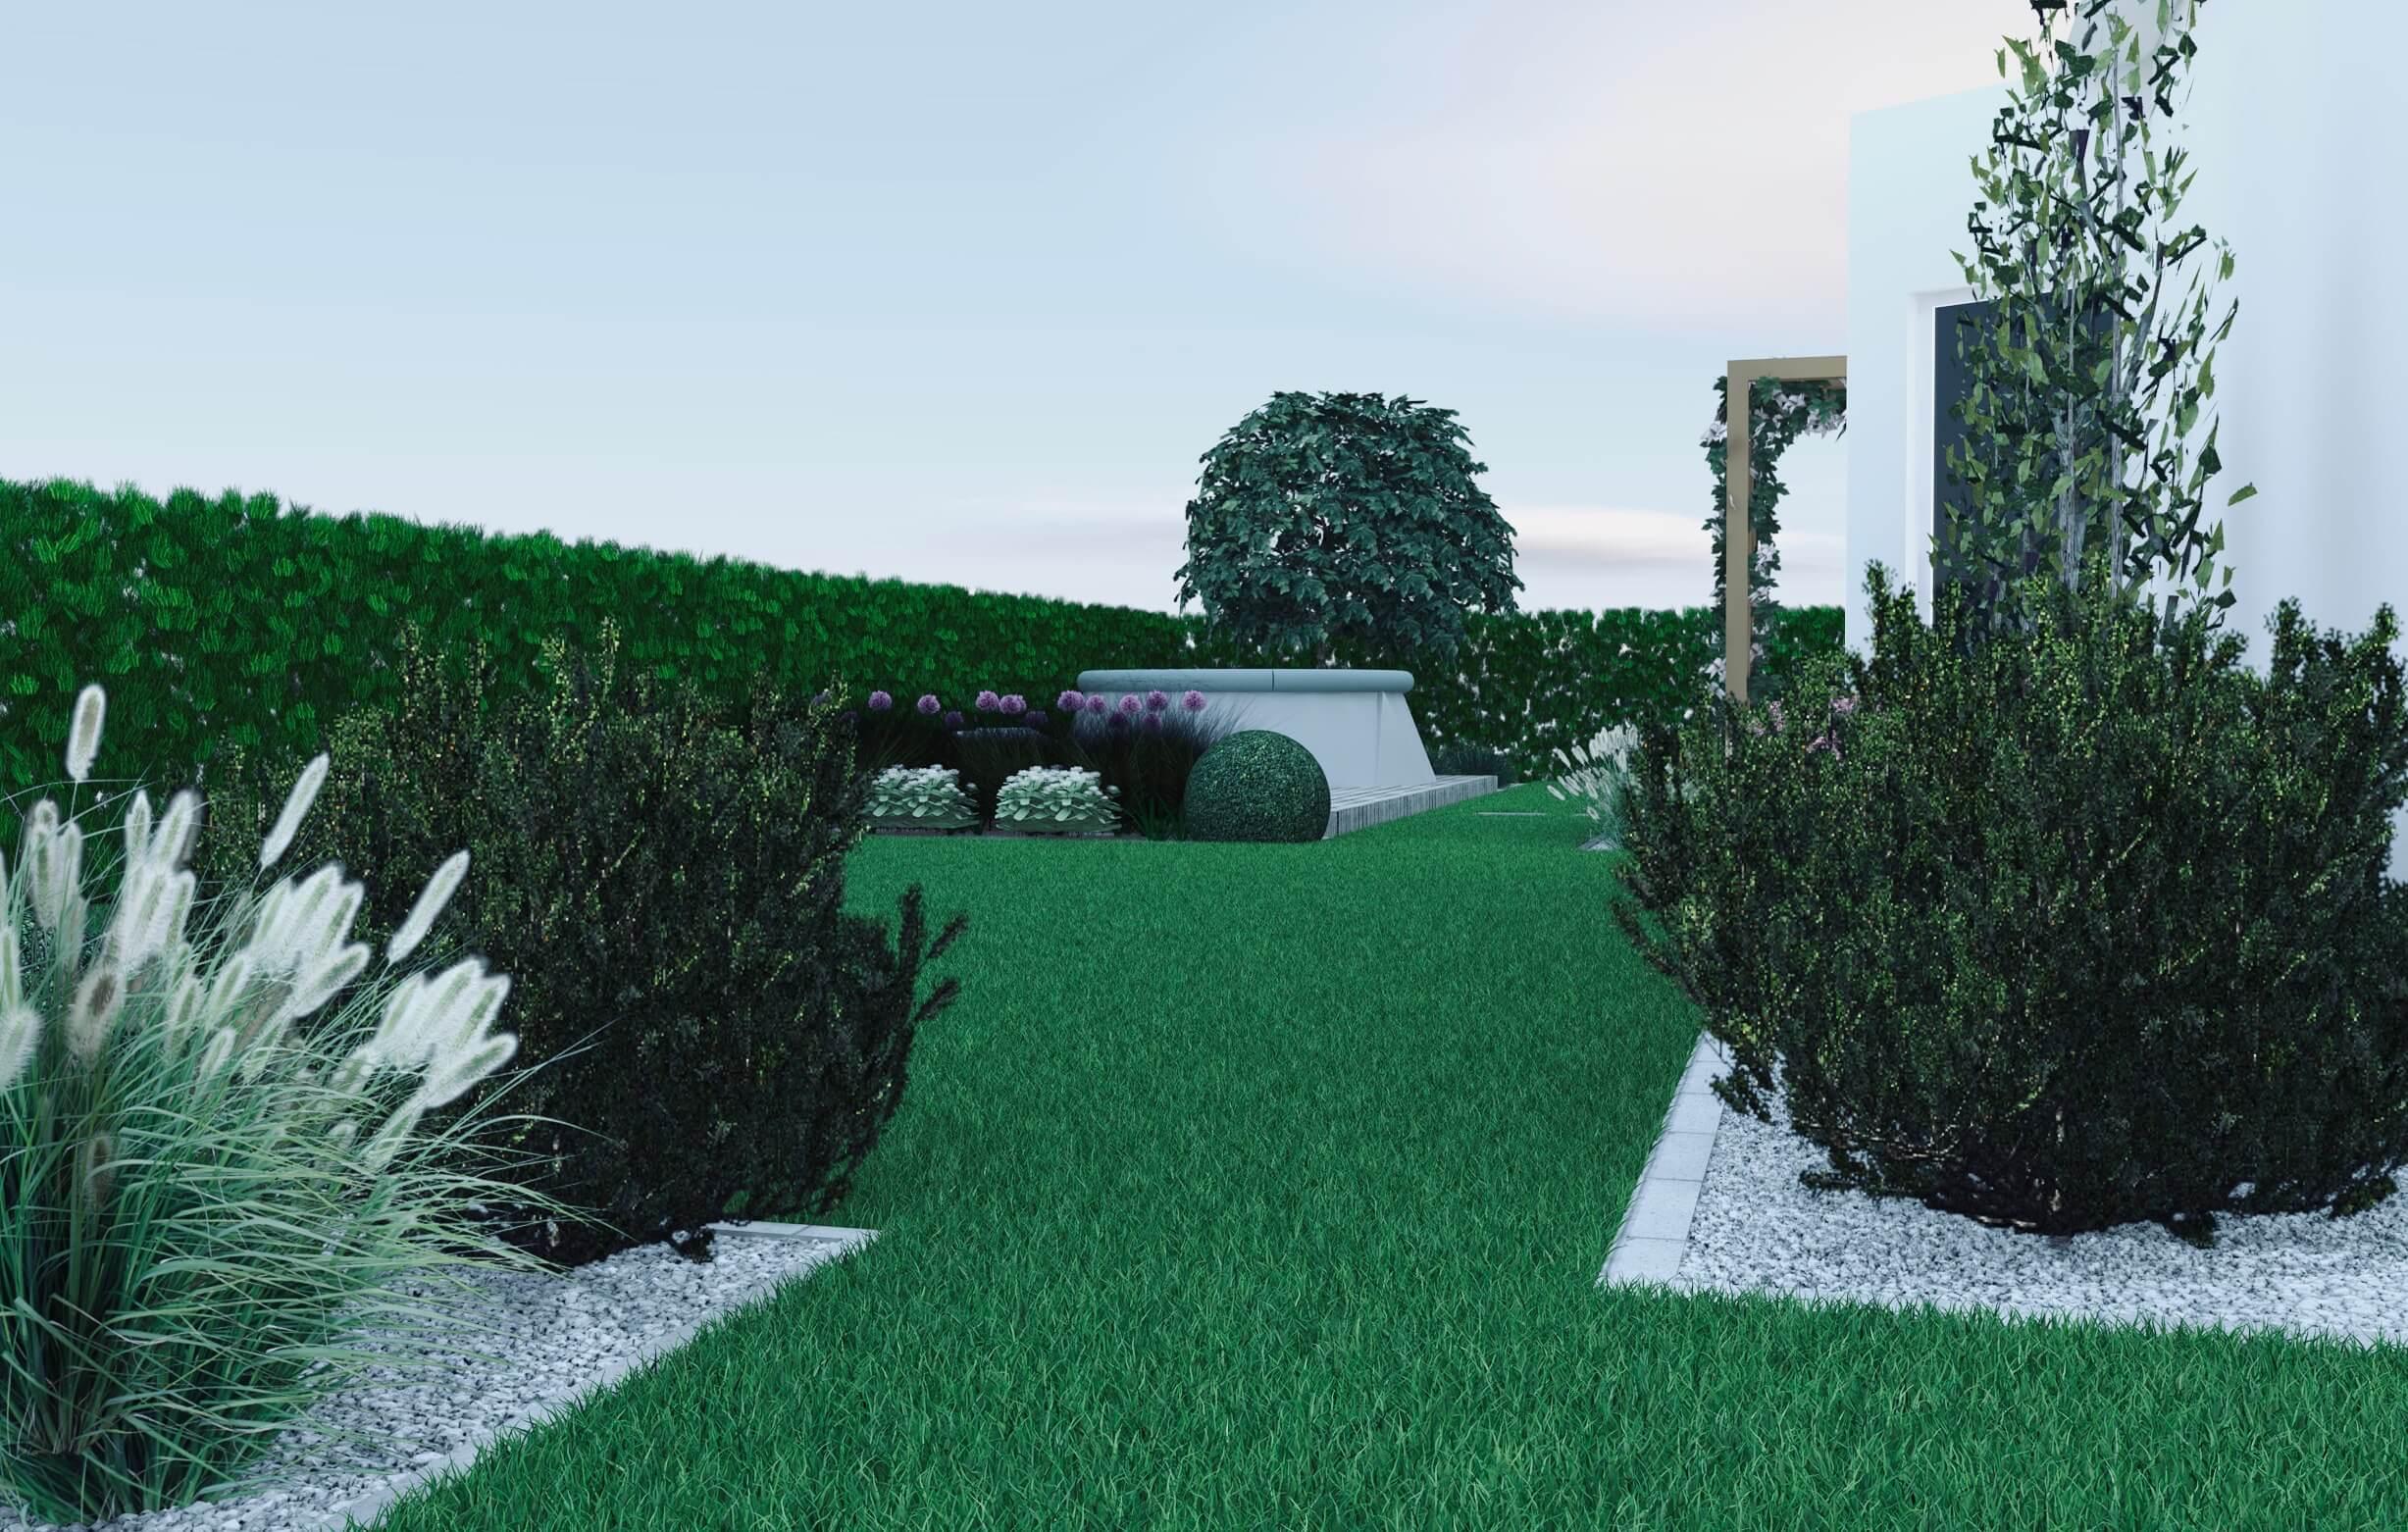 Wizualizacja ogrodu, sosny kosodrzewiny, rozkładany basen